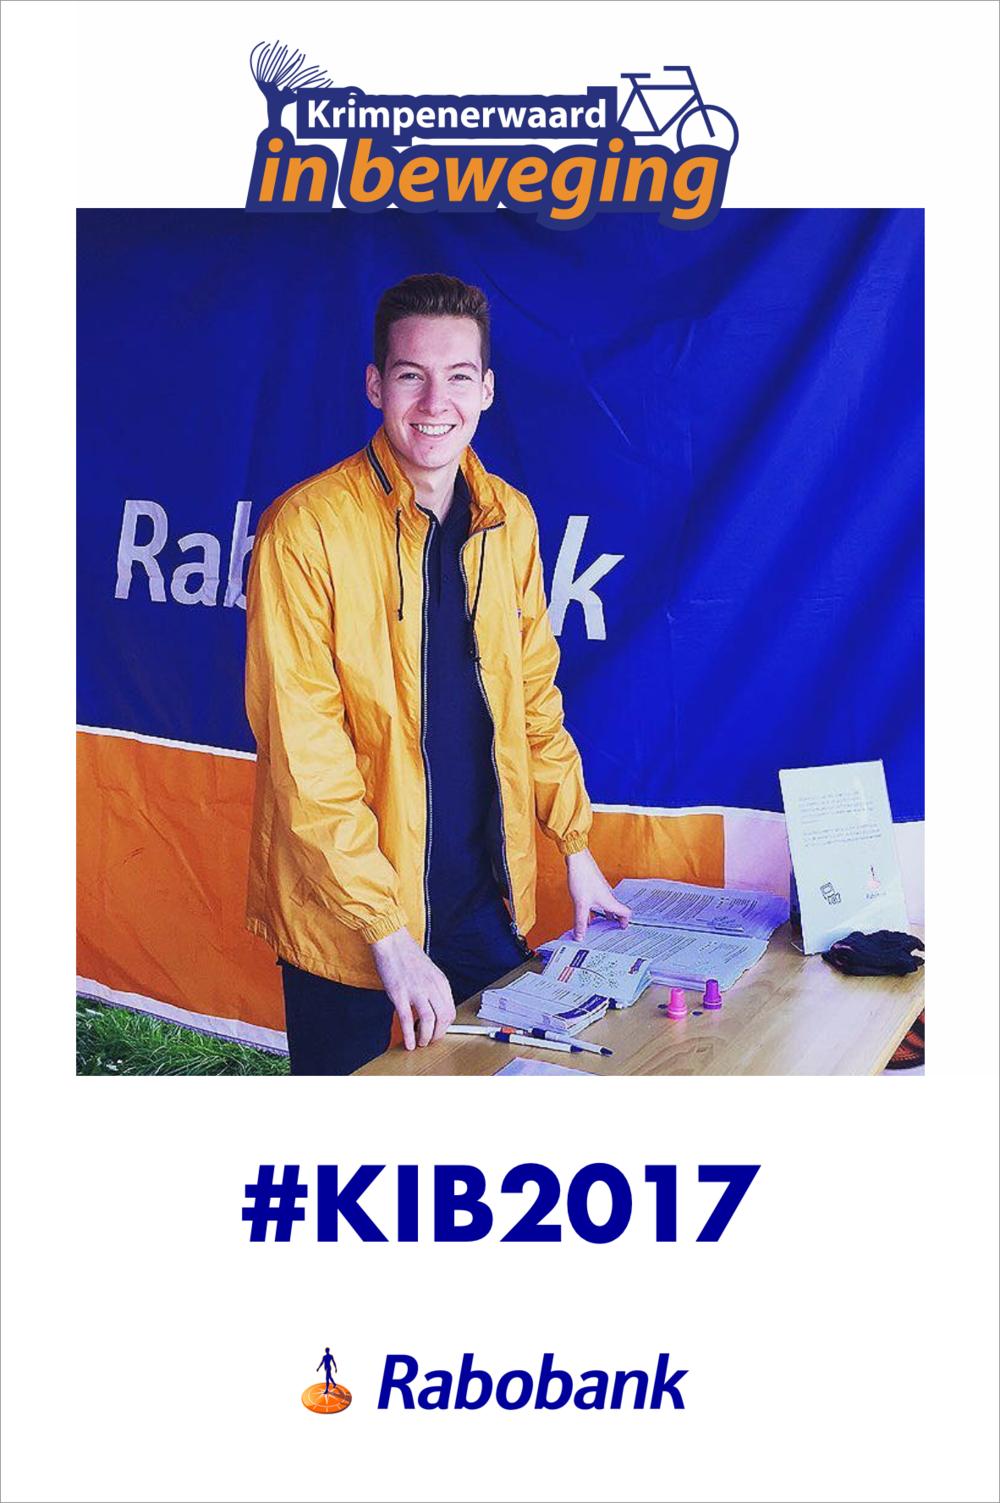 rabobank_thehashtagbike4.png